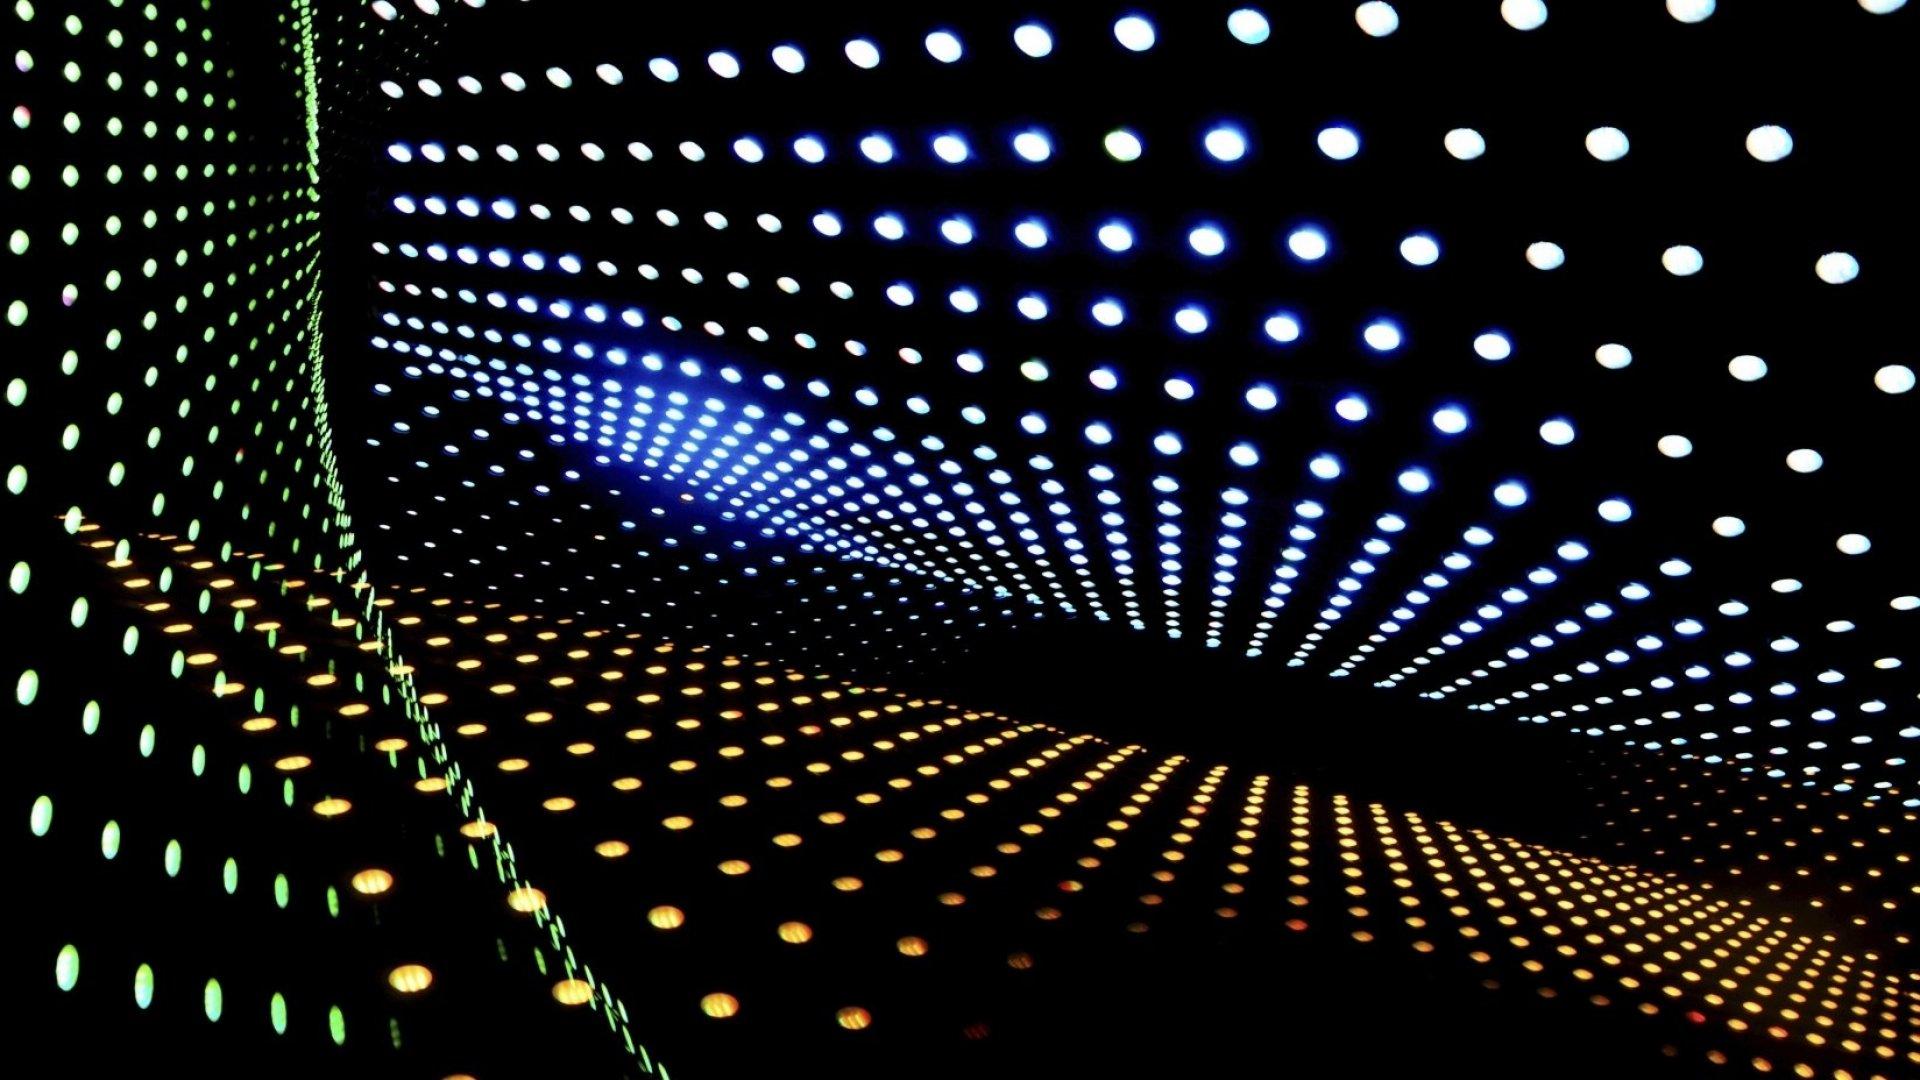 Meet Li-Fi, the Breakthrough Technology That's 100 Times Faster Than Wi-Fi